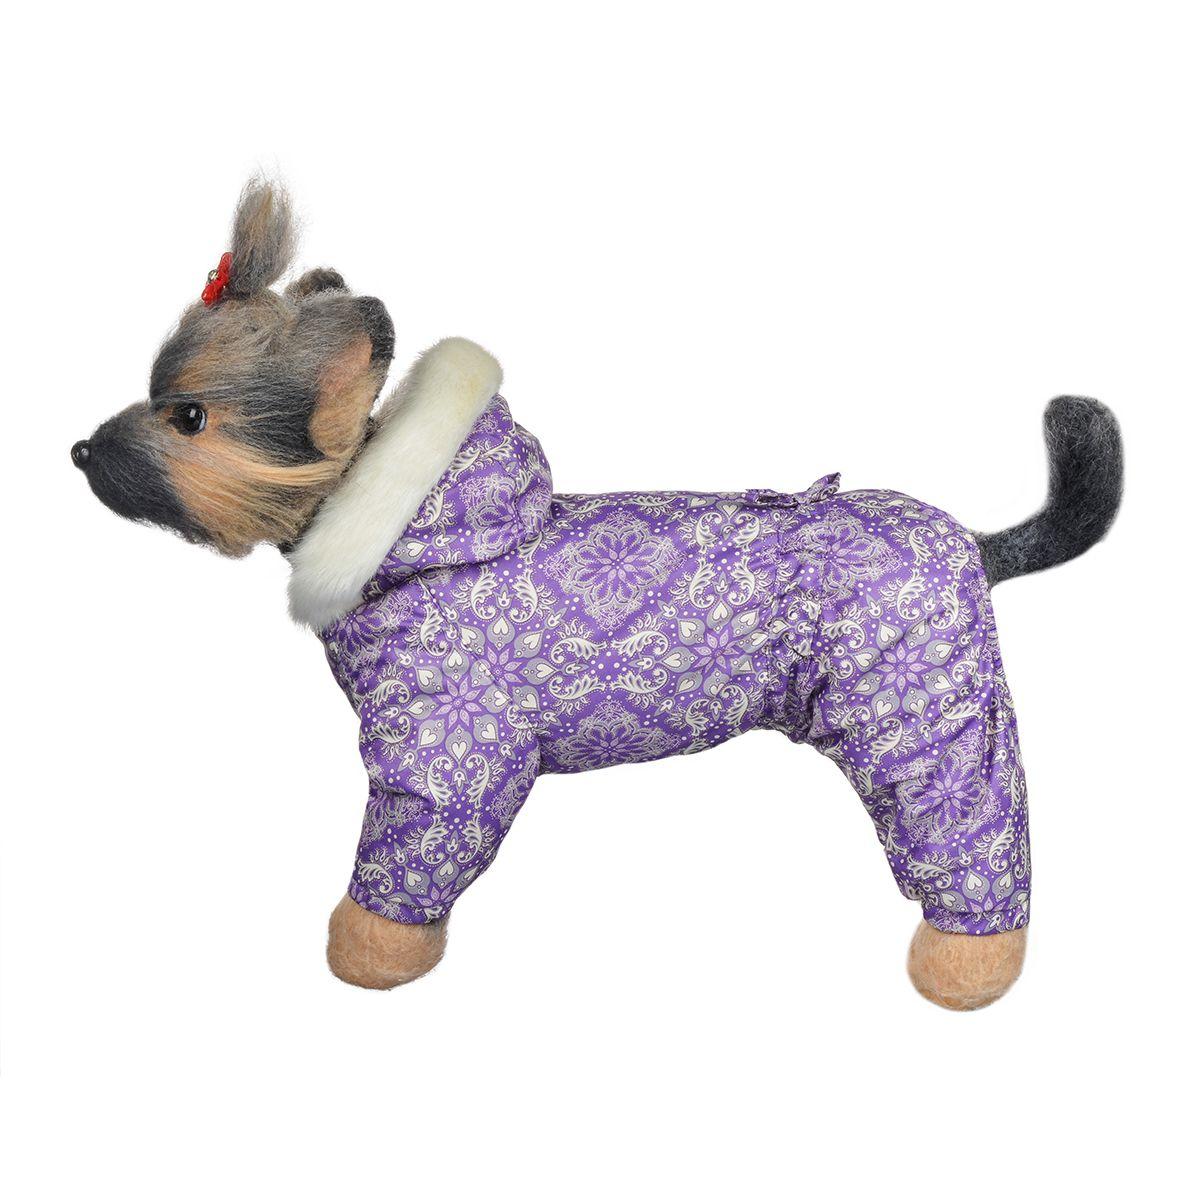 Комбинезон для собак Dogmoda Winter, зимний, для девочки, цвет: фиолетовый, белый, серый. Размер 4 (XL) догмода футболка с капюшоном для собак dogmoda 1